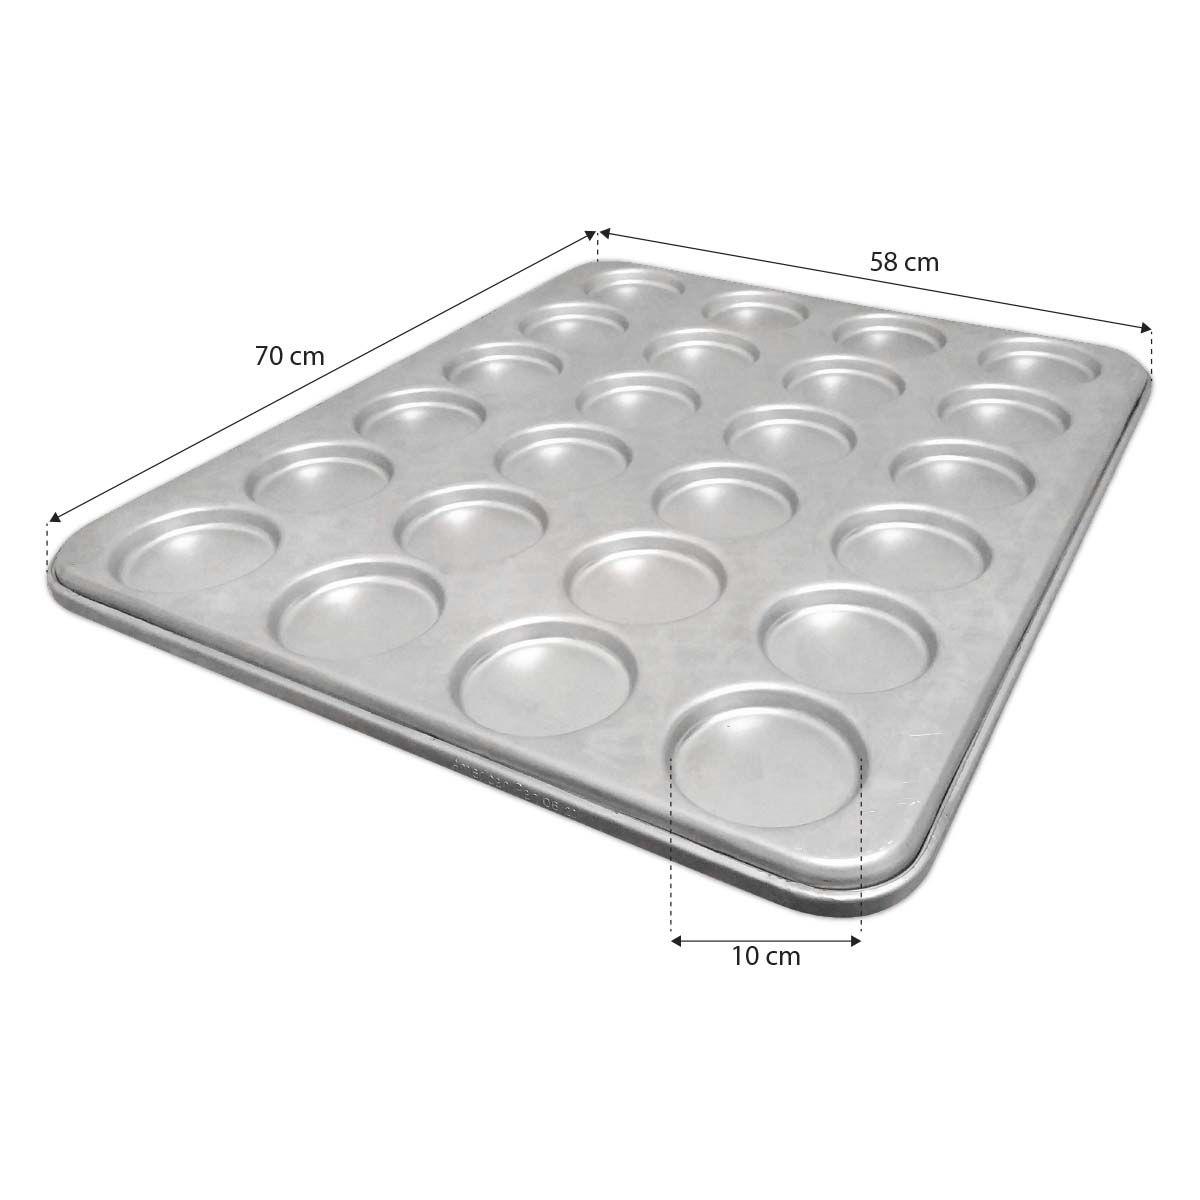 Assadeira Pão De Hamburguer 58X70 Com 24 Cavidades 10X10 - Cainco